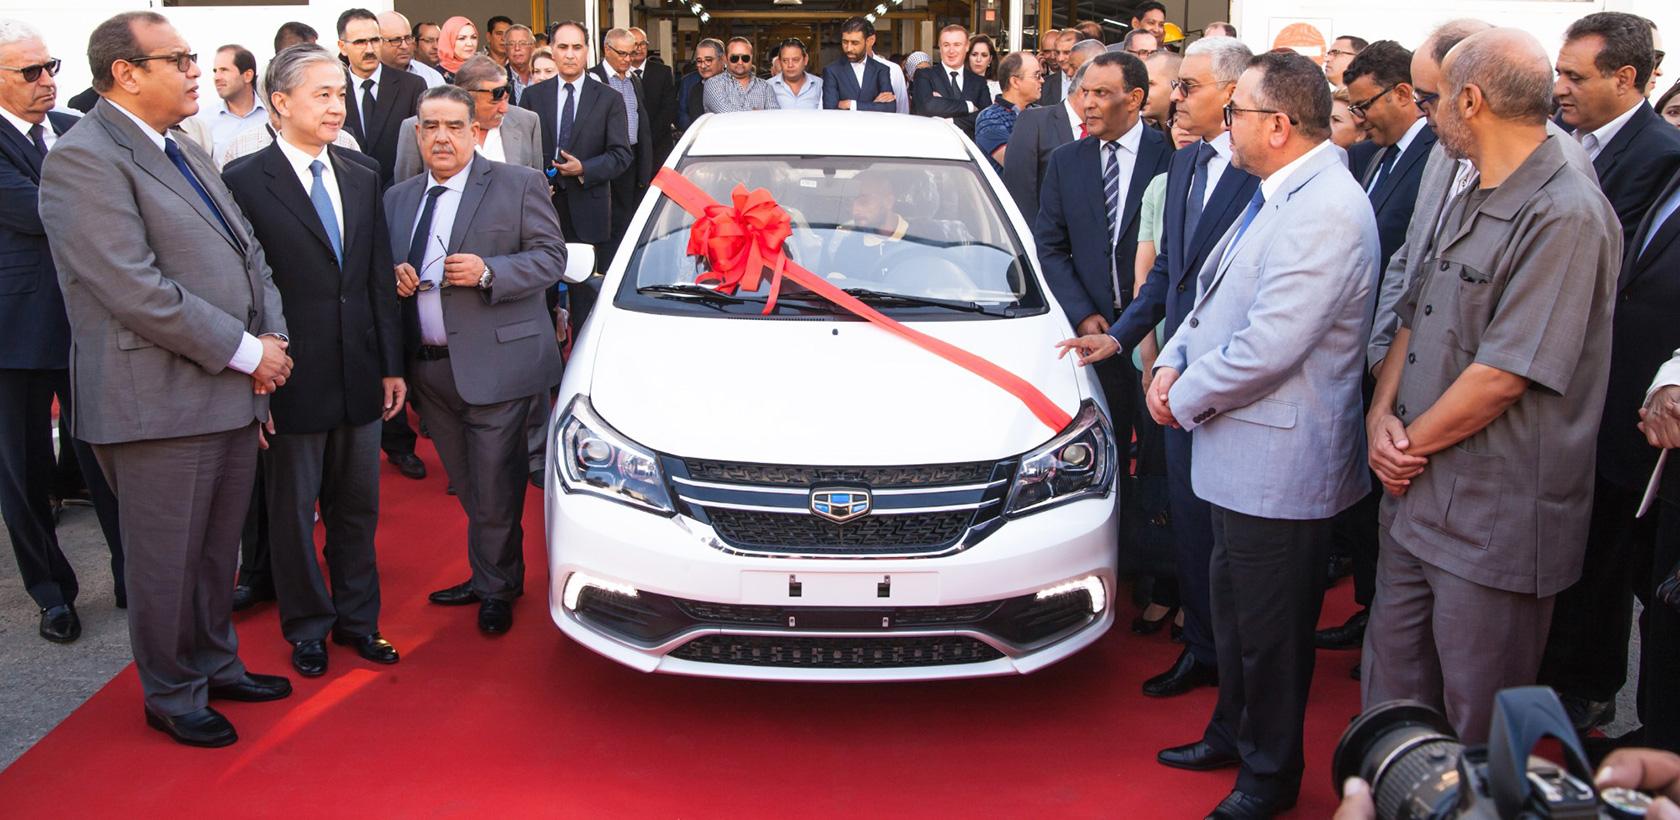 Medicars inaugure une chaine d'assemblage de voitures particulières de la marque Geely en Tunisie